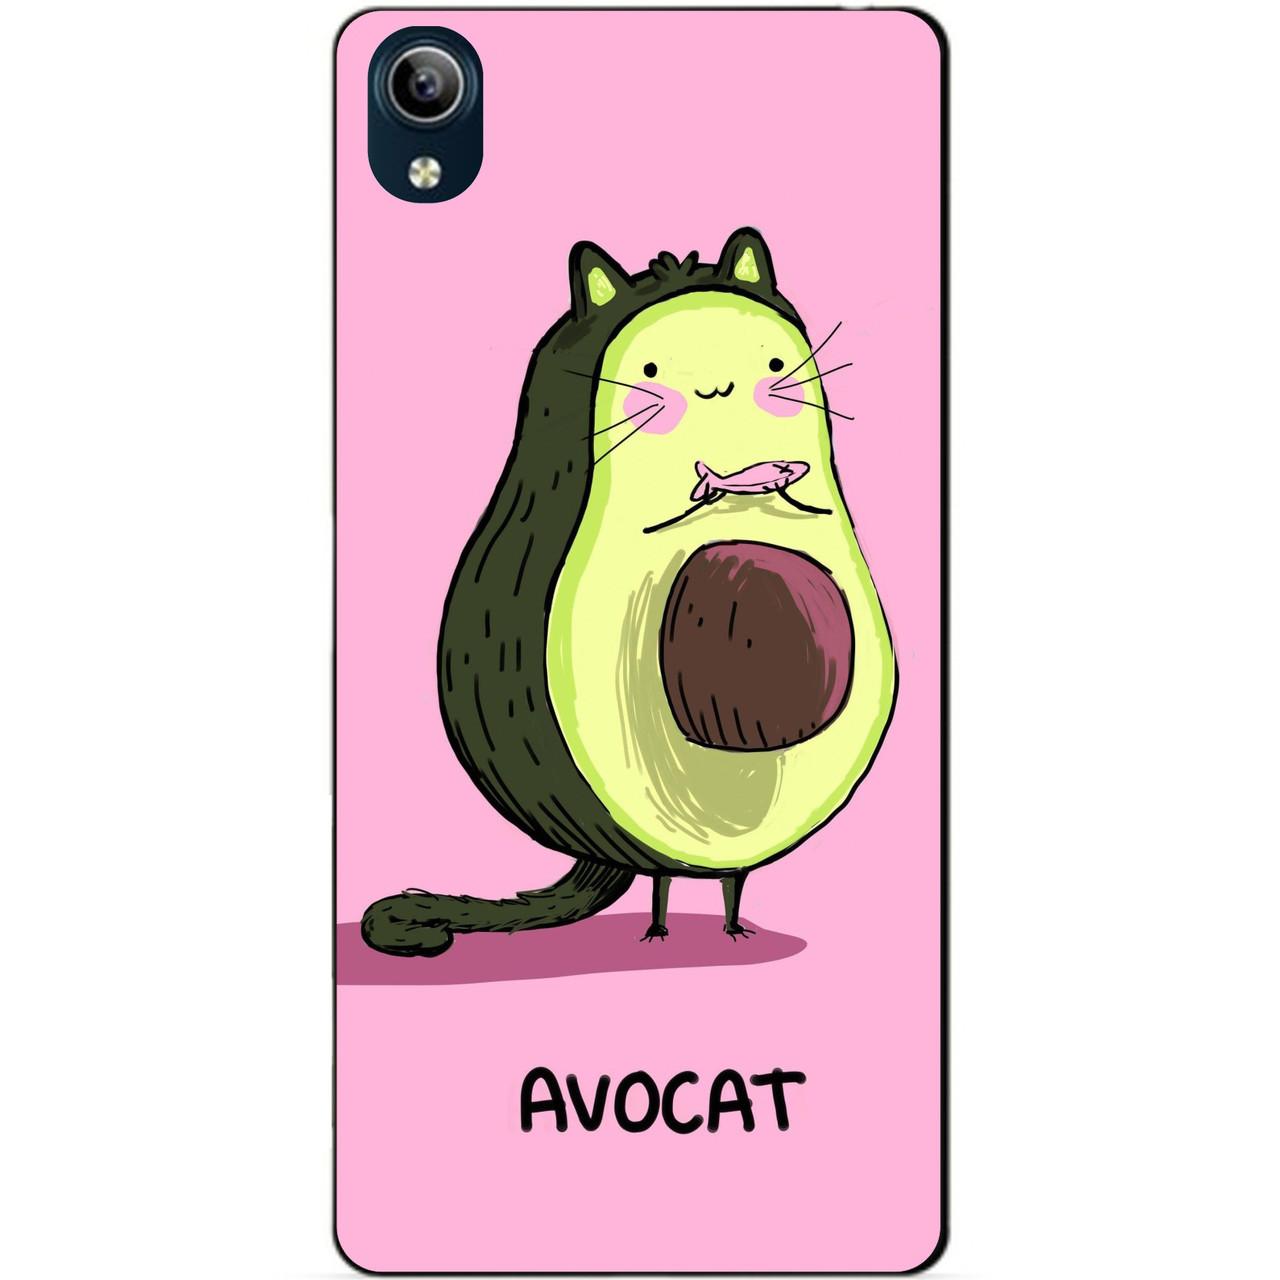 Силиконовый бампер чехол для Vivo Y1s с рисунком Avocat